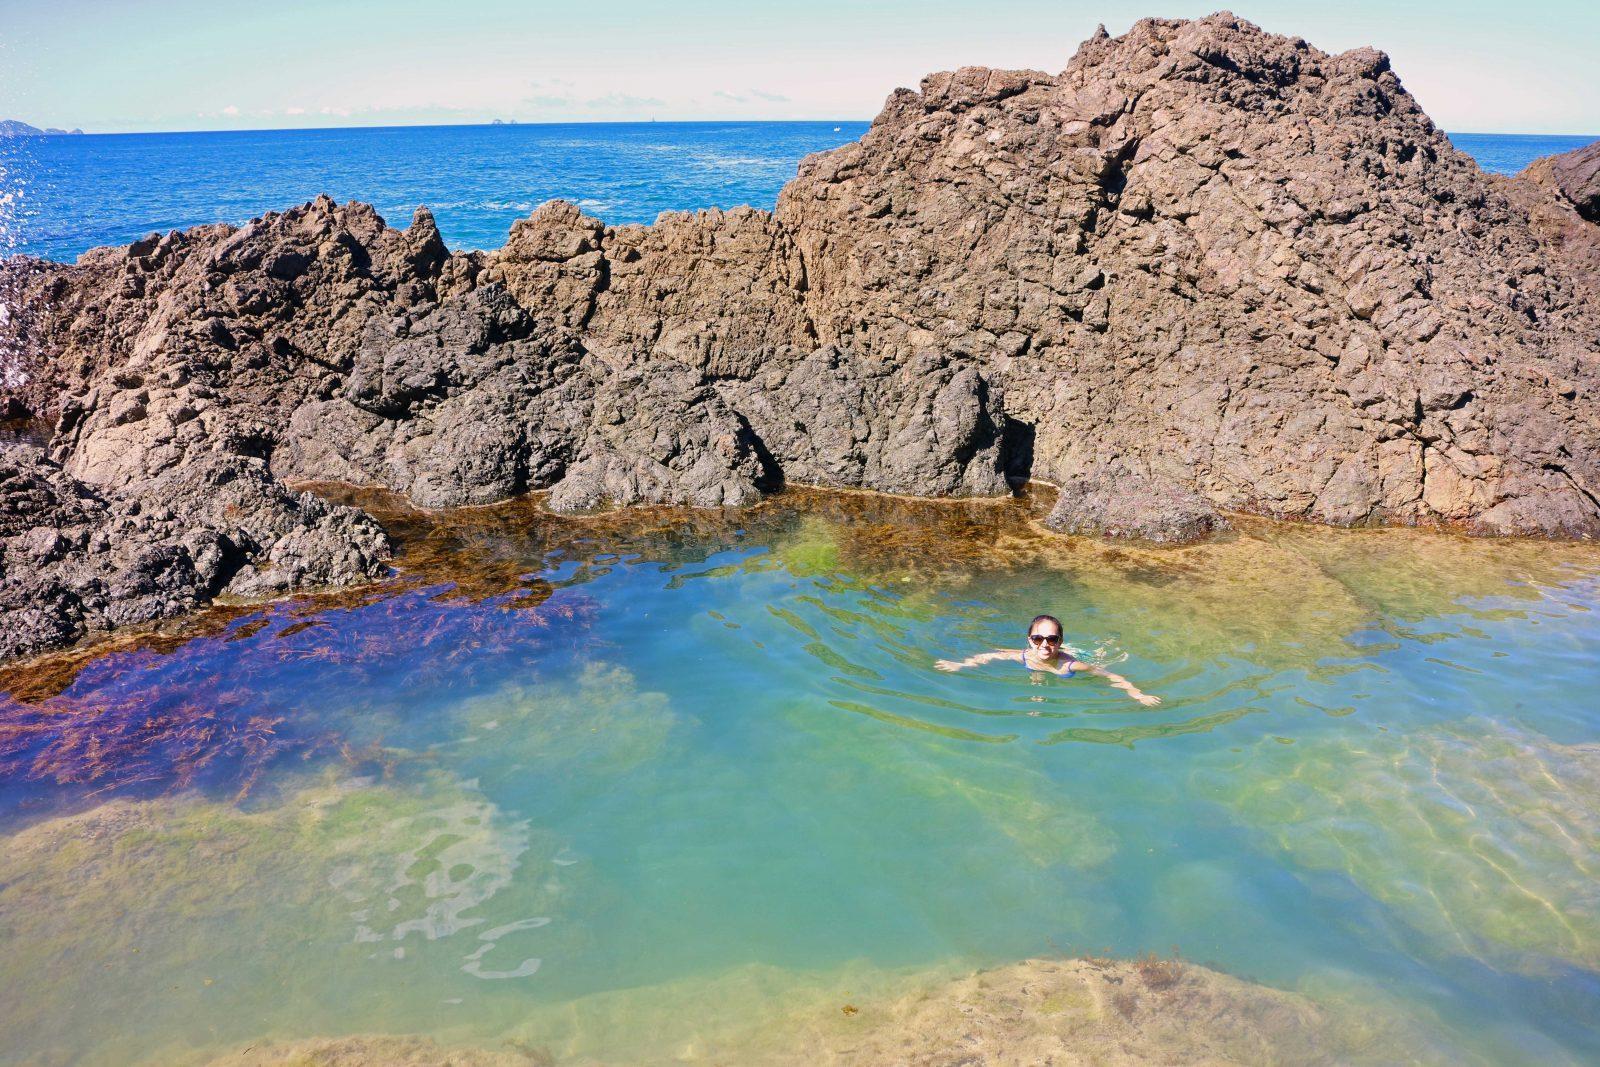 Mermaid-Pools